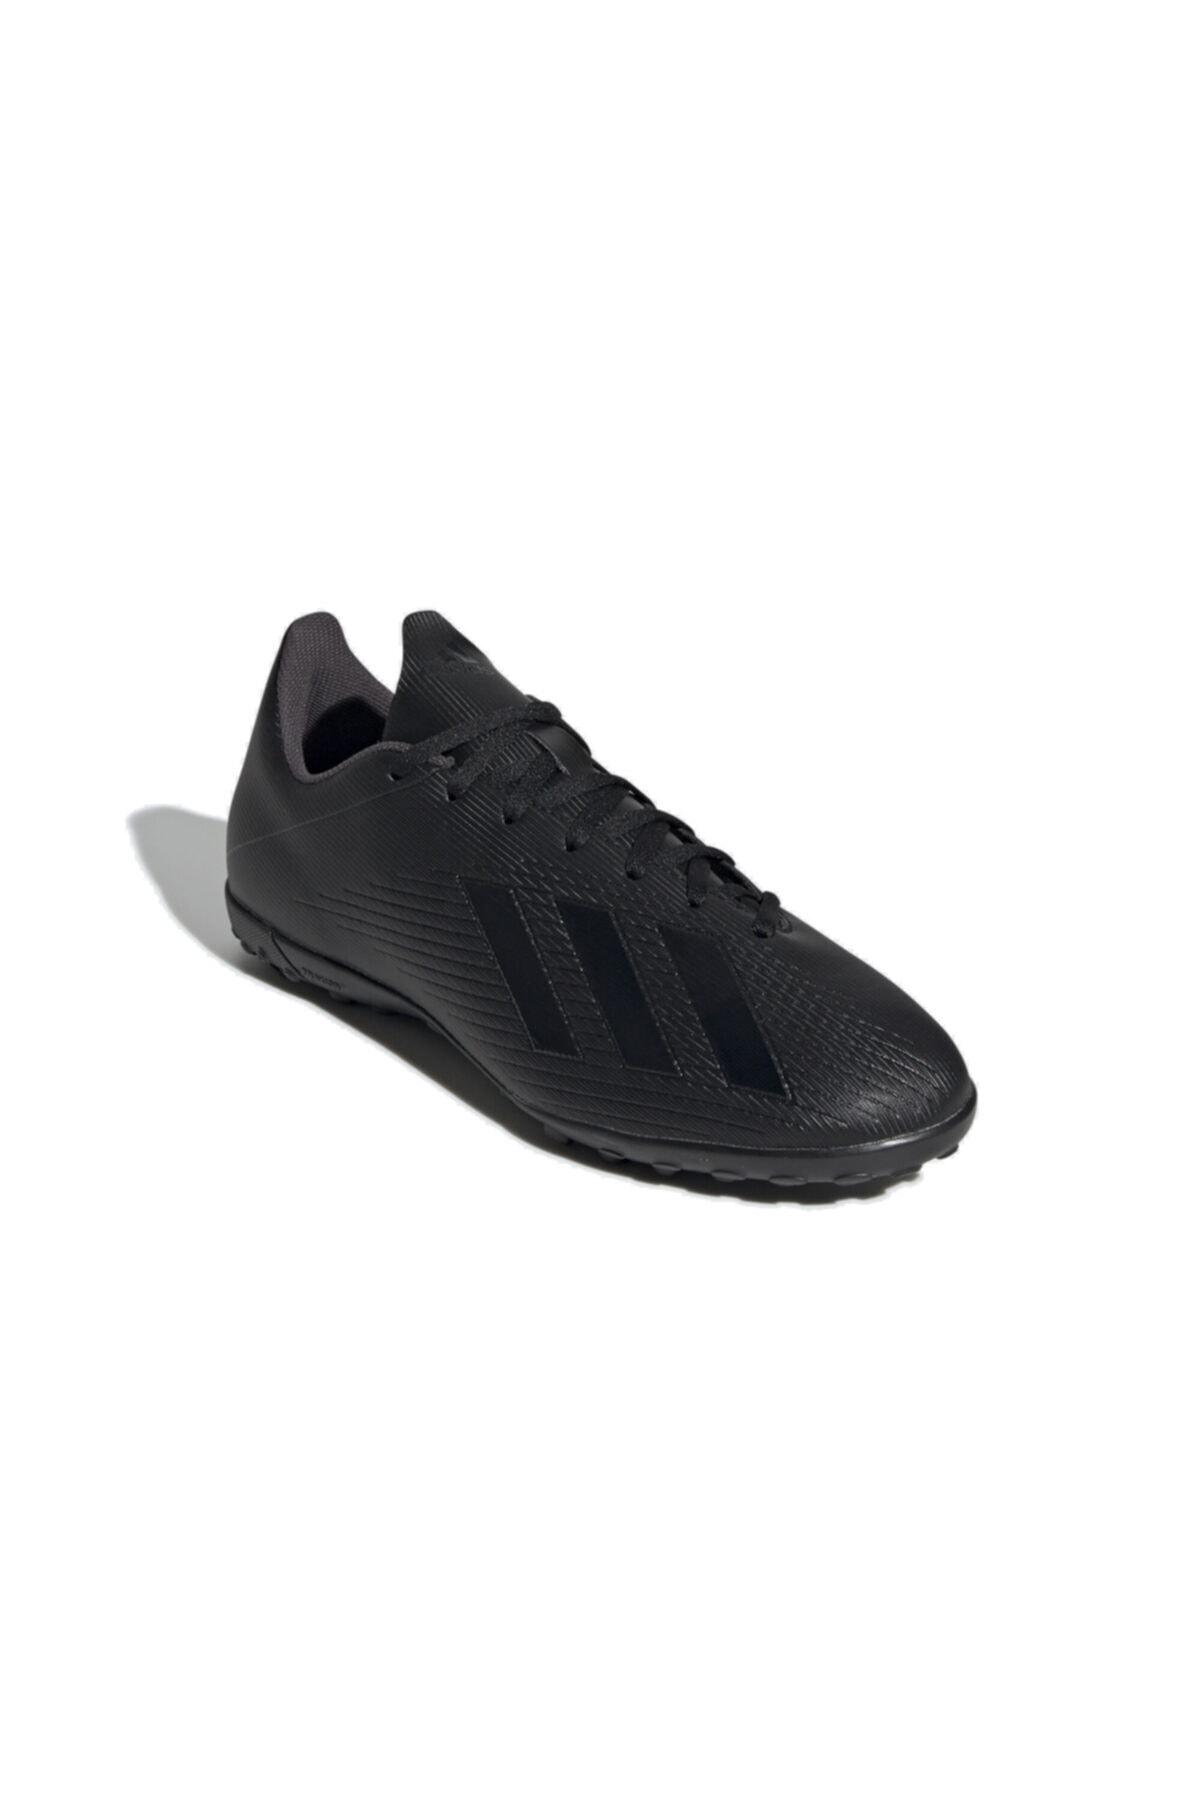 adidas X 19.4 TF Siyah Erkek Halı Saha Ayakkabısı 101117852 2